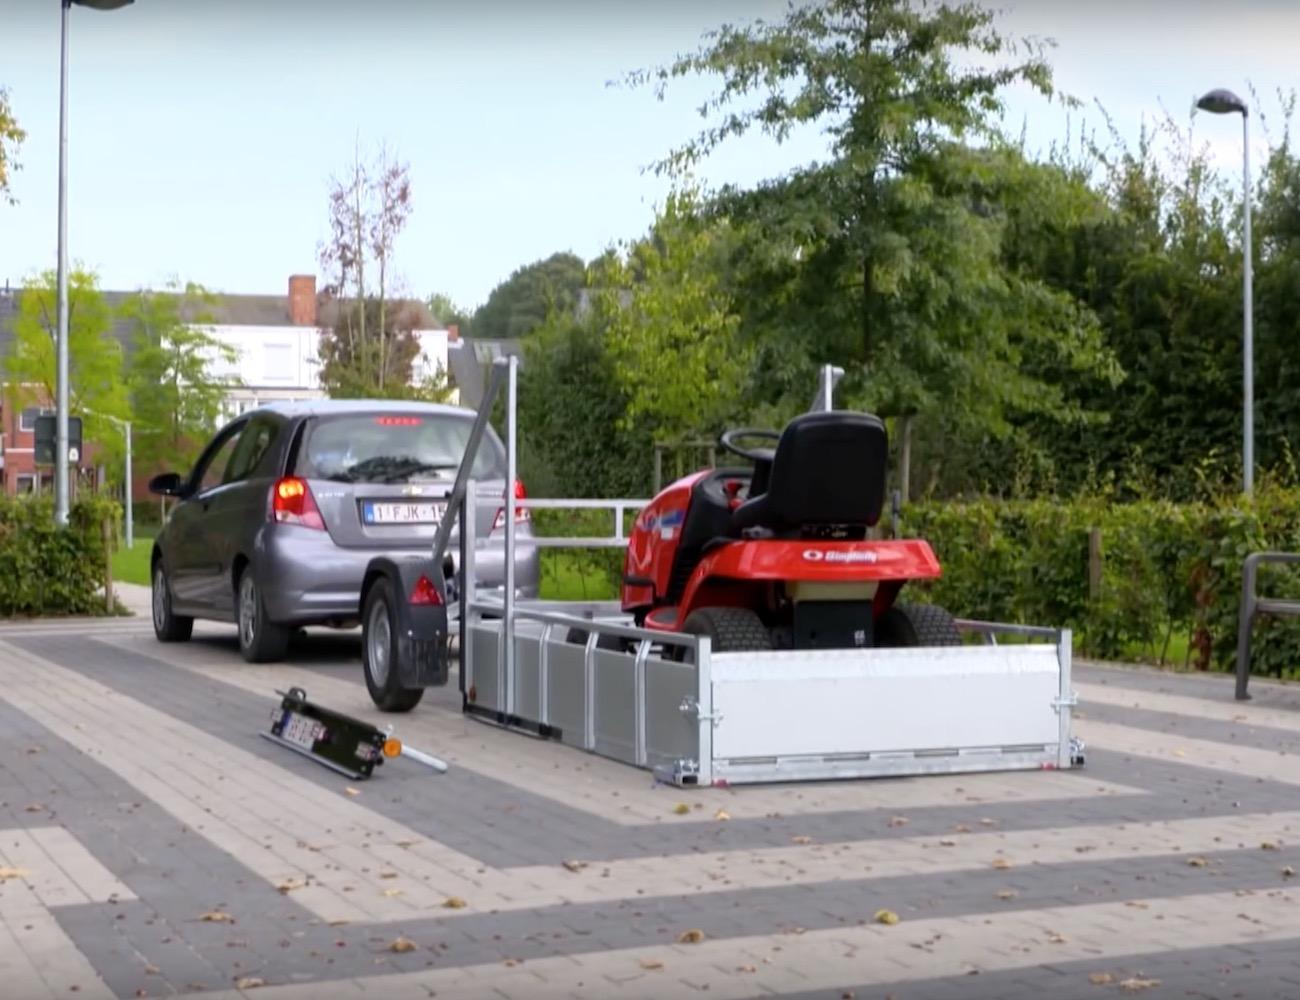 Trimork, Revolutionary Trailer & Container System